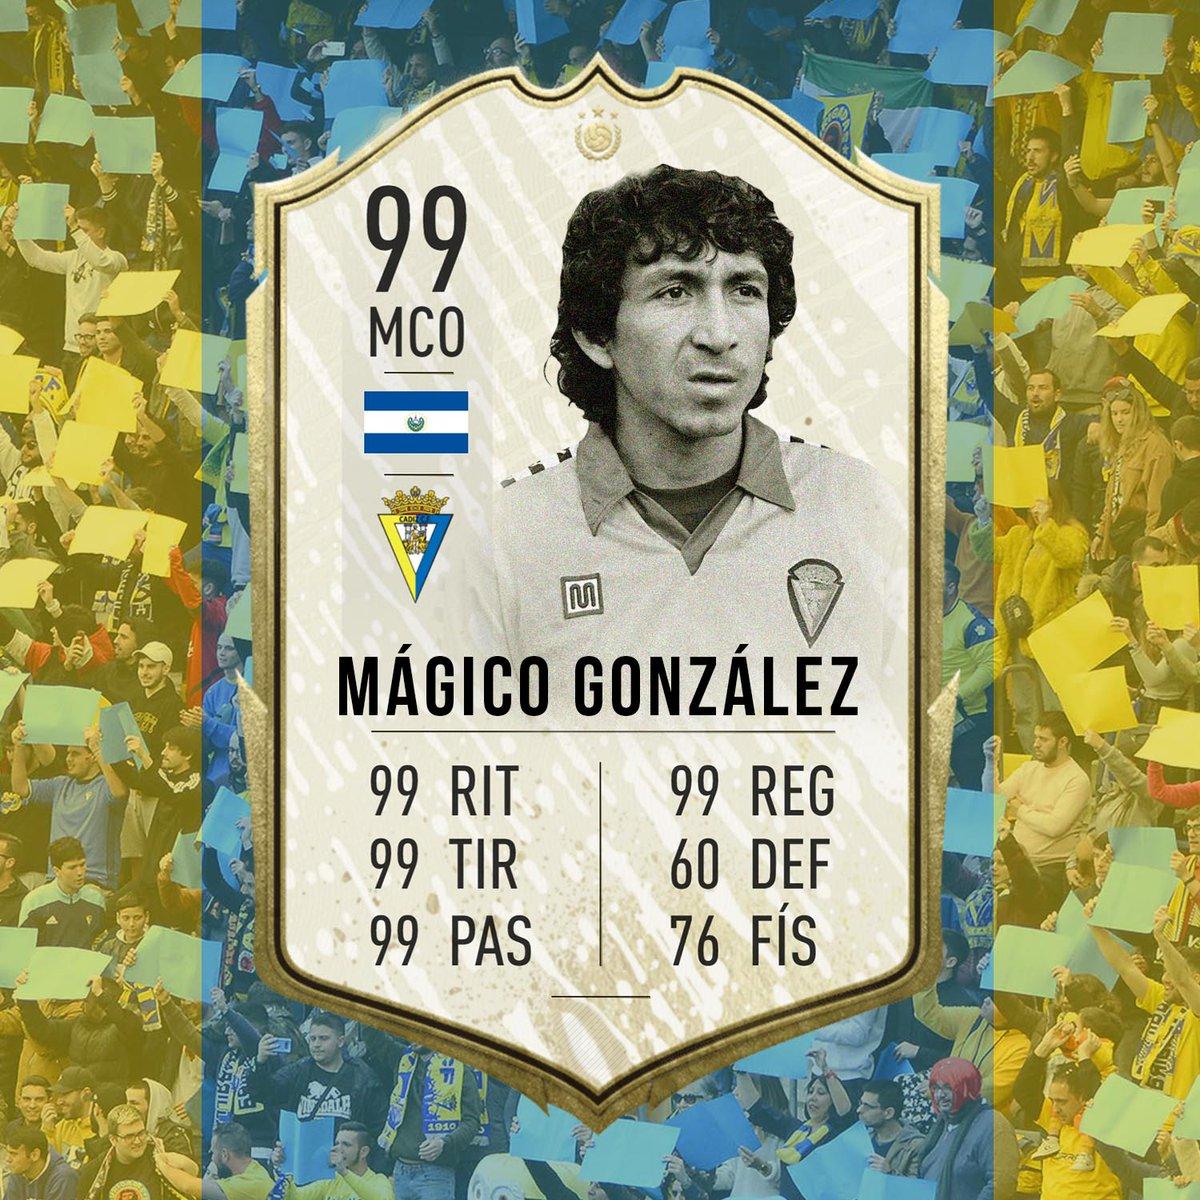 😍 RT si sabes que con Mágico González en tu equipo del #FIFA21 serías prácticamente invencible.  @EASPORTSEsp https://t.co/NVhyo5njFF